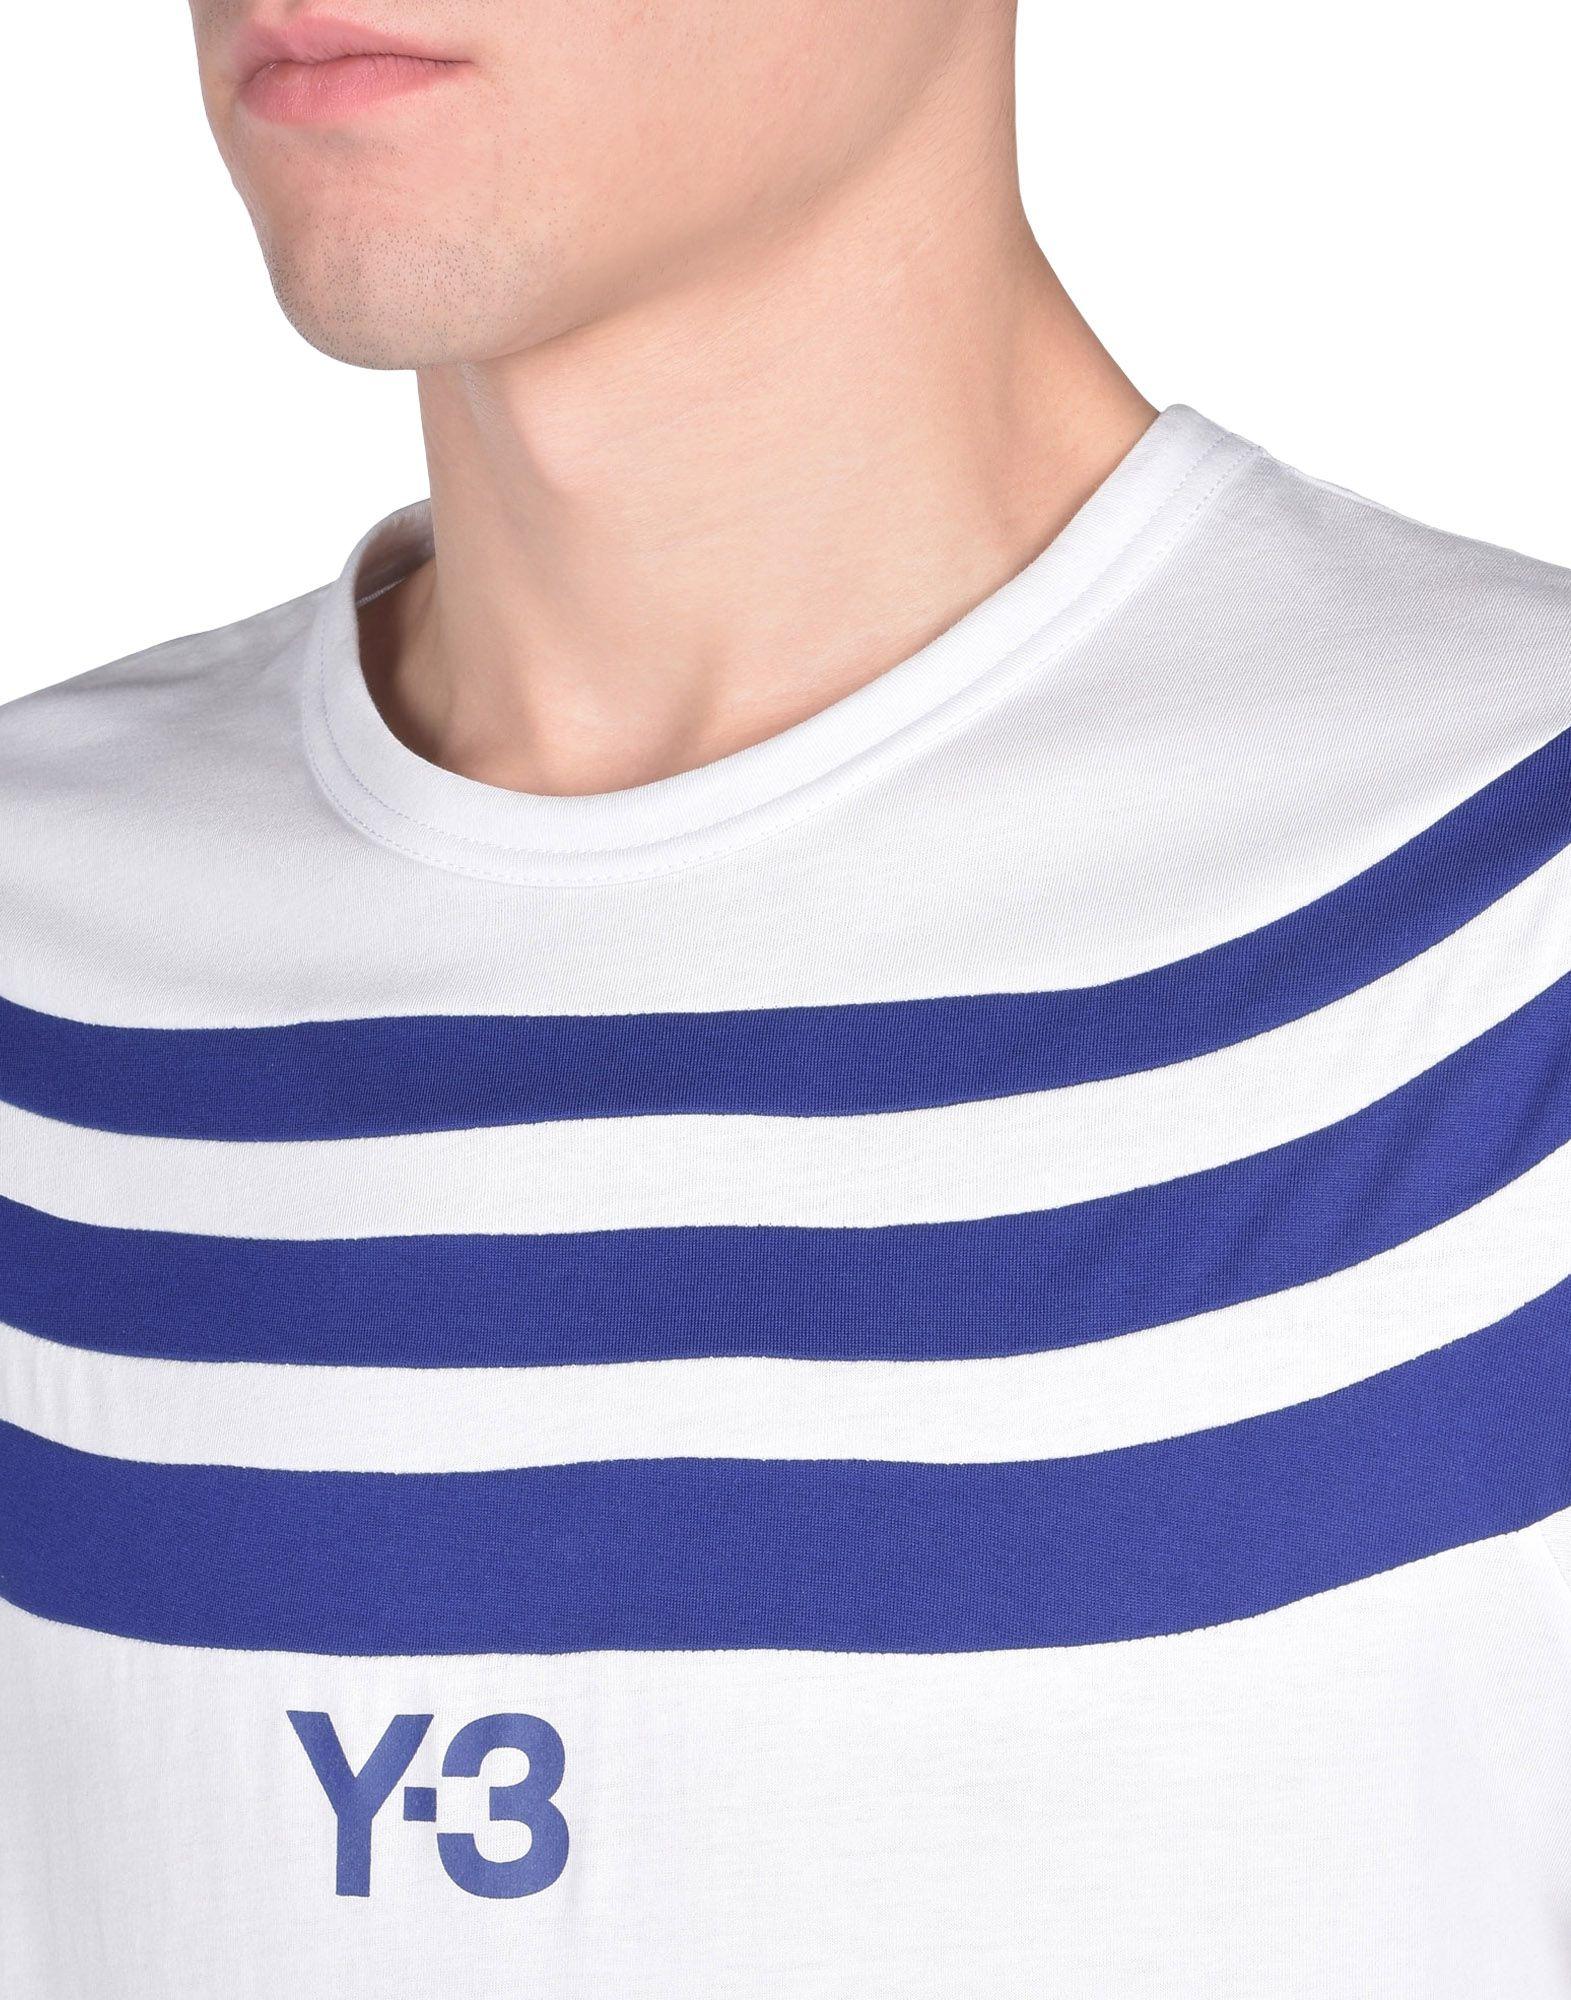 Y-3 Y-3 3-STRIPES TEE T シャツ メンズ a